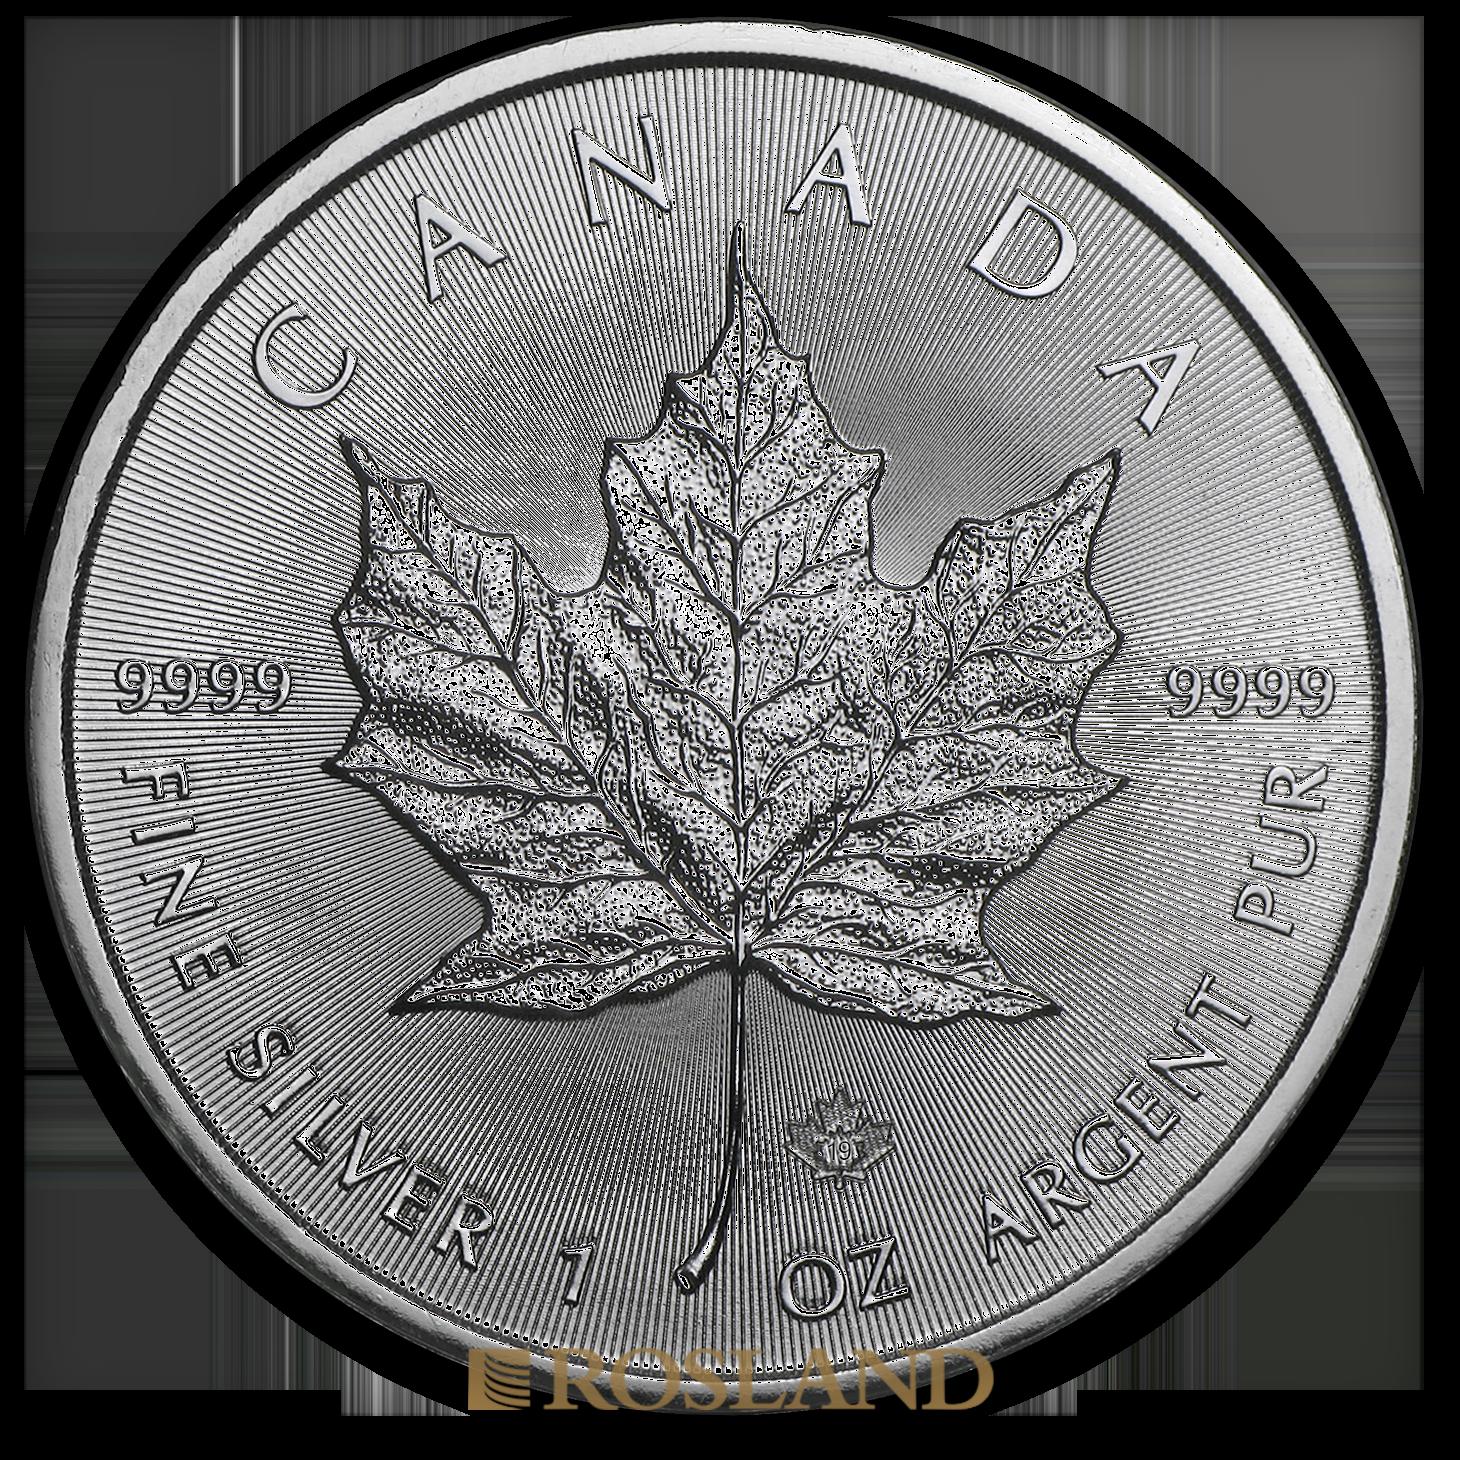 1 Unze Silbermünze Kanada Maple Leaf 2019